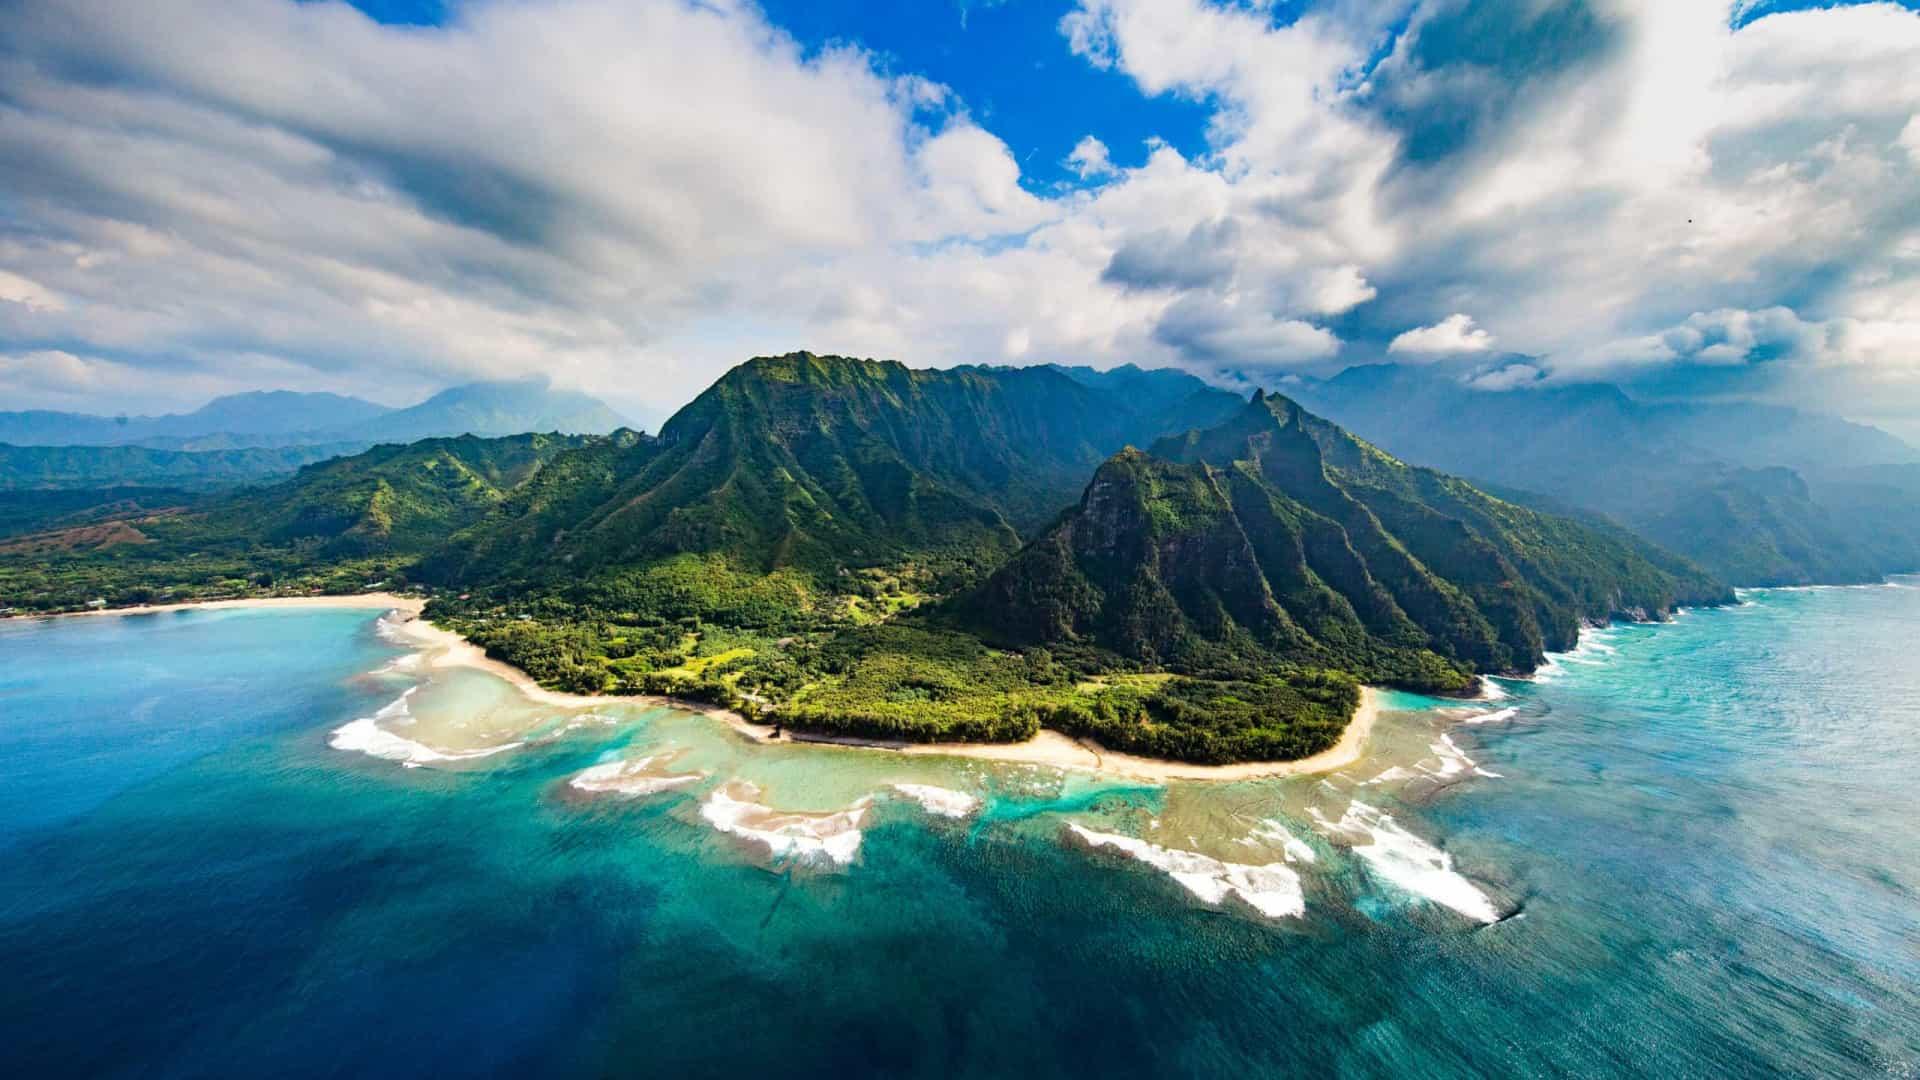 naom 5e05eb52c8a20 - Helicóptero de turismo desaparece no Havai com sete pessoas a bordo